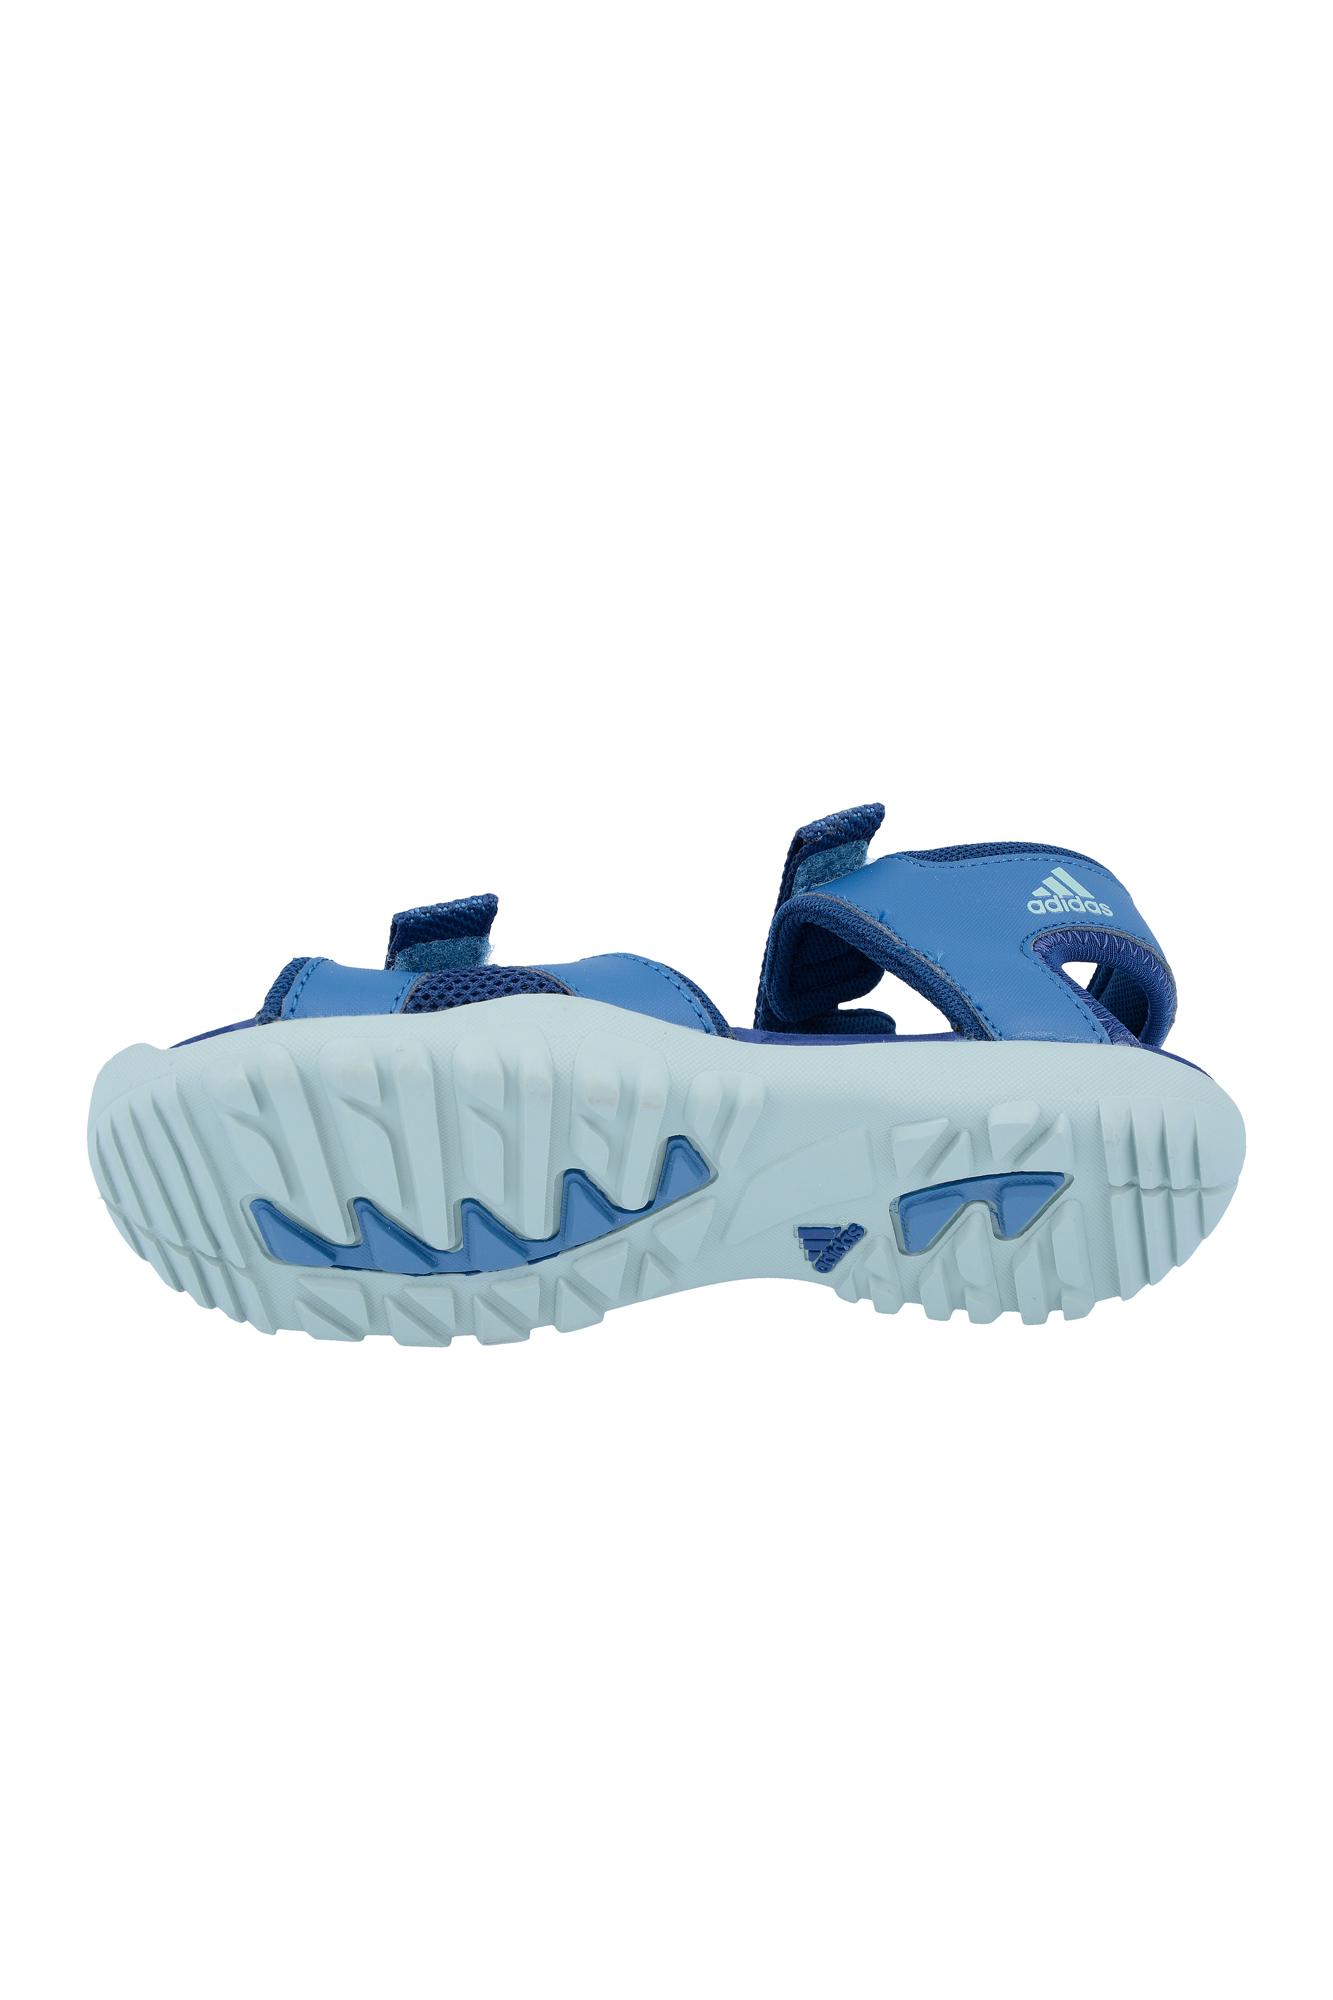 f582cc12e41 Sandały adidas Sandplay OD K - S82187   Sandały   Buty   Dziecięce ...